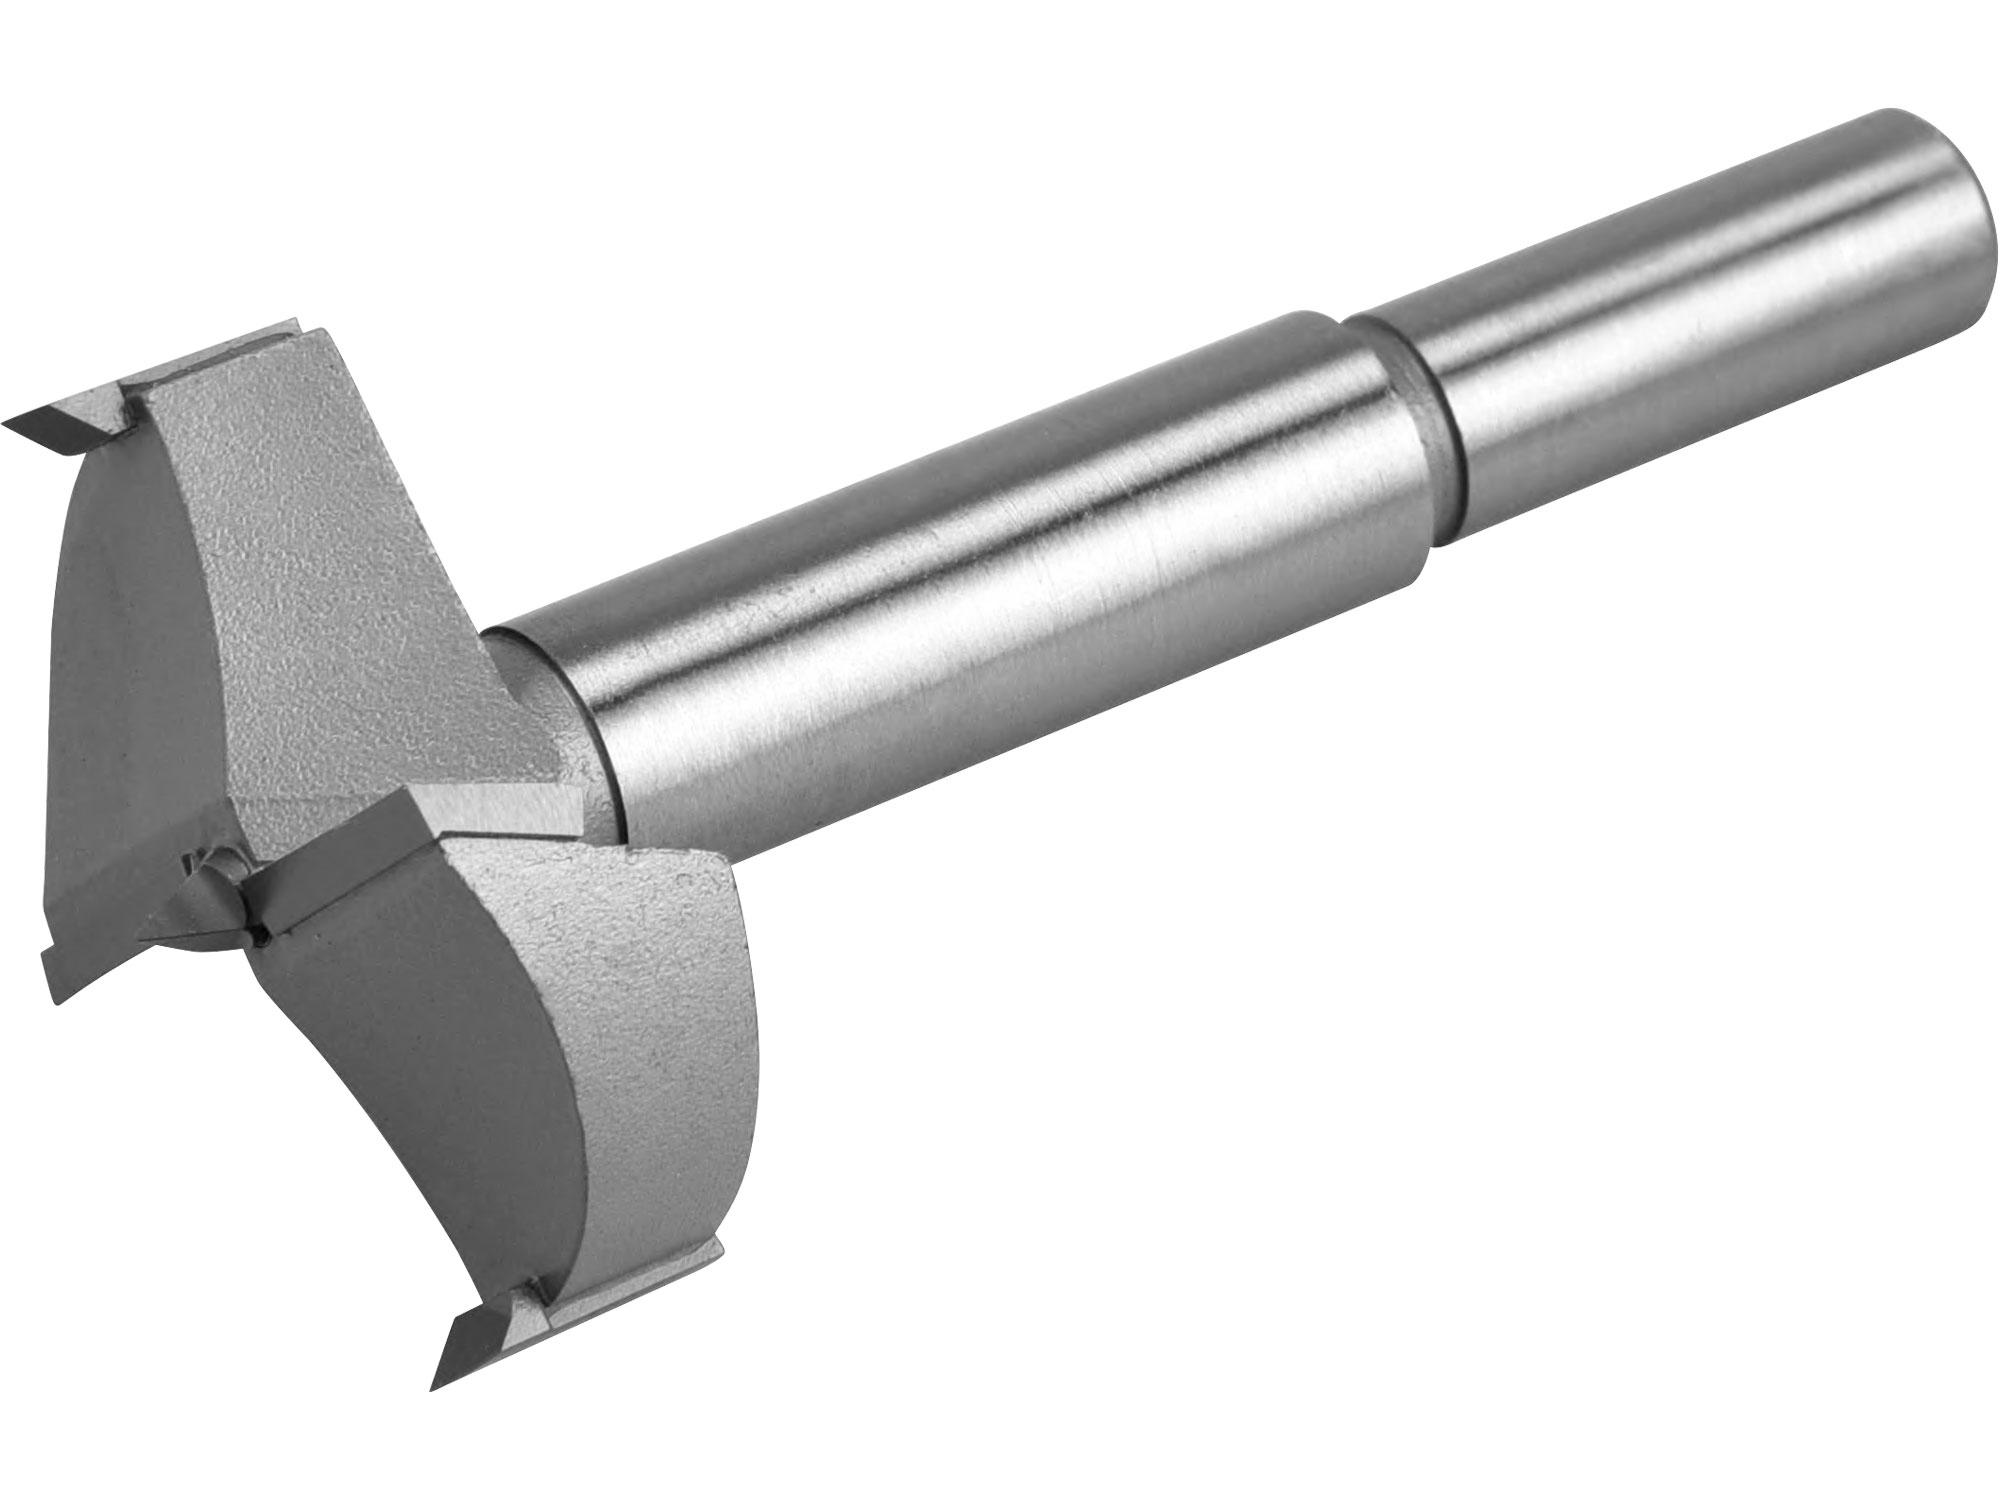 fréza čelní-sukovník do dřeva s SK plátky, průměr 40mm stopka 10mm